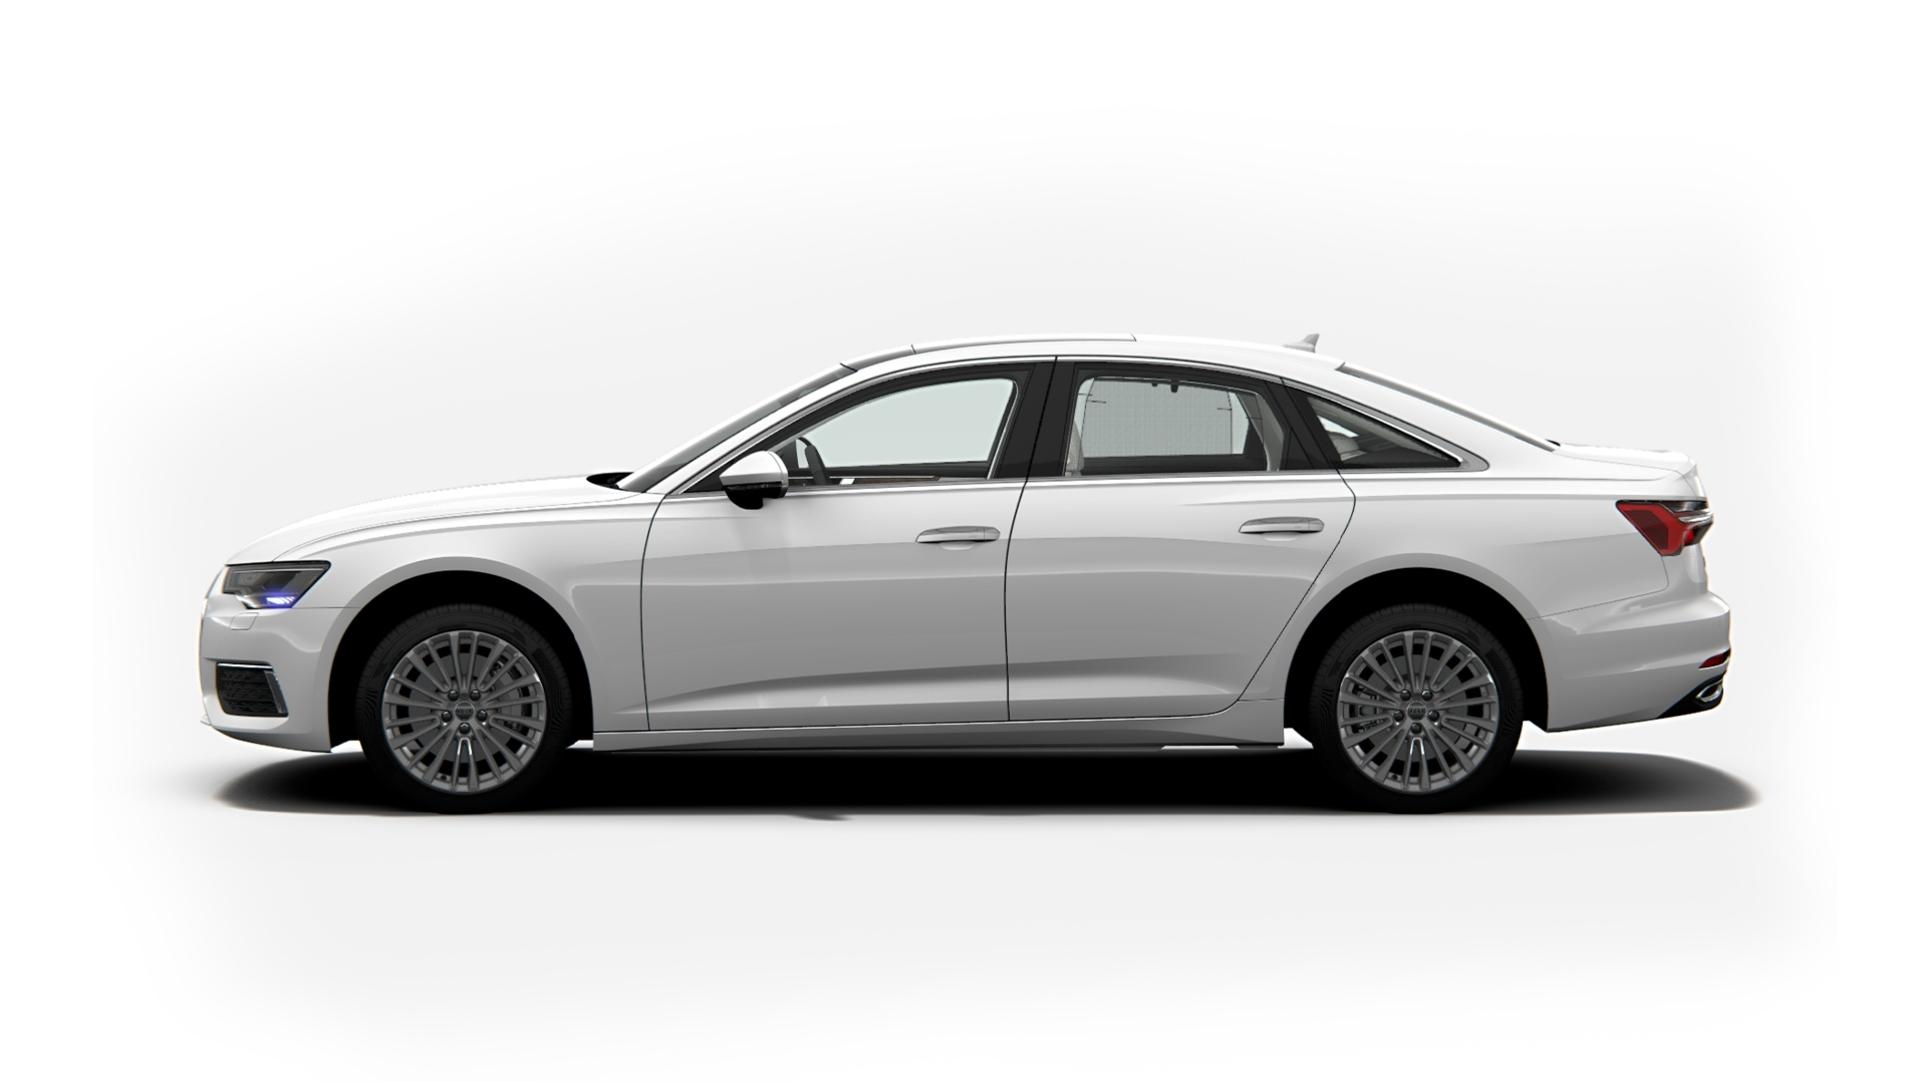 Audi A6 Ibis White